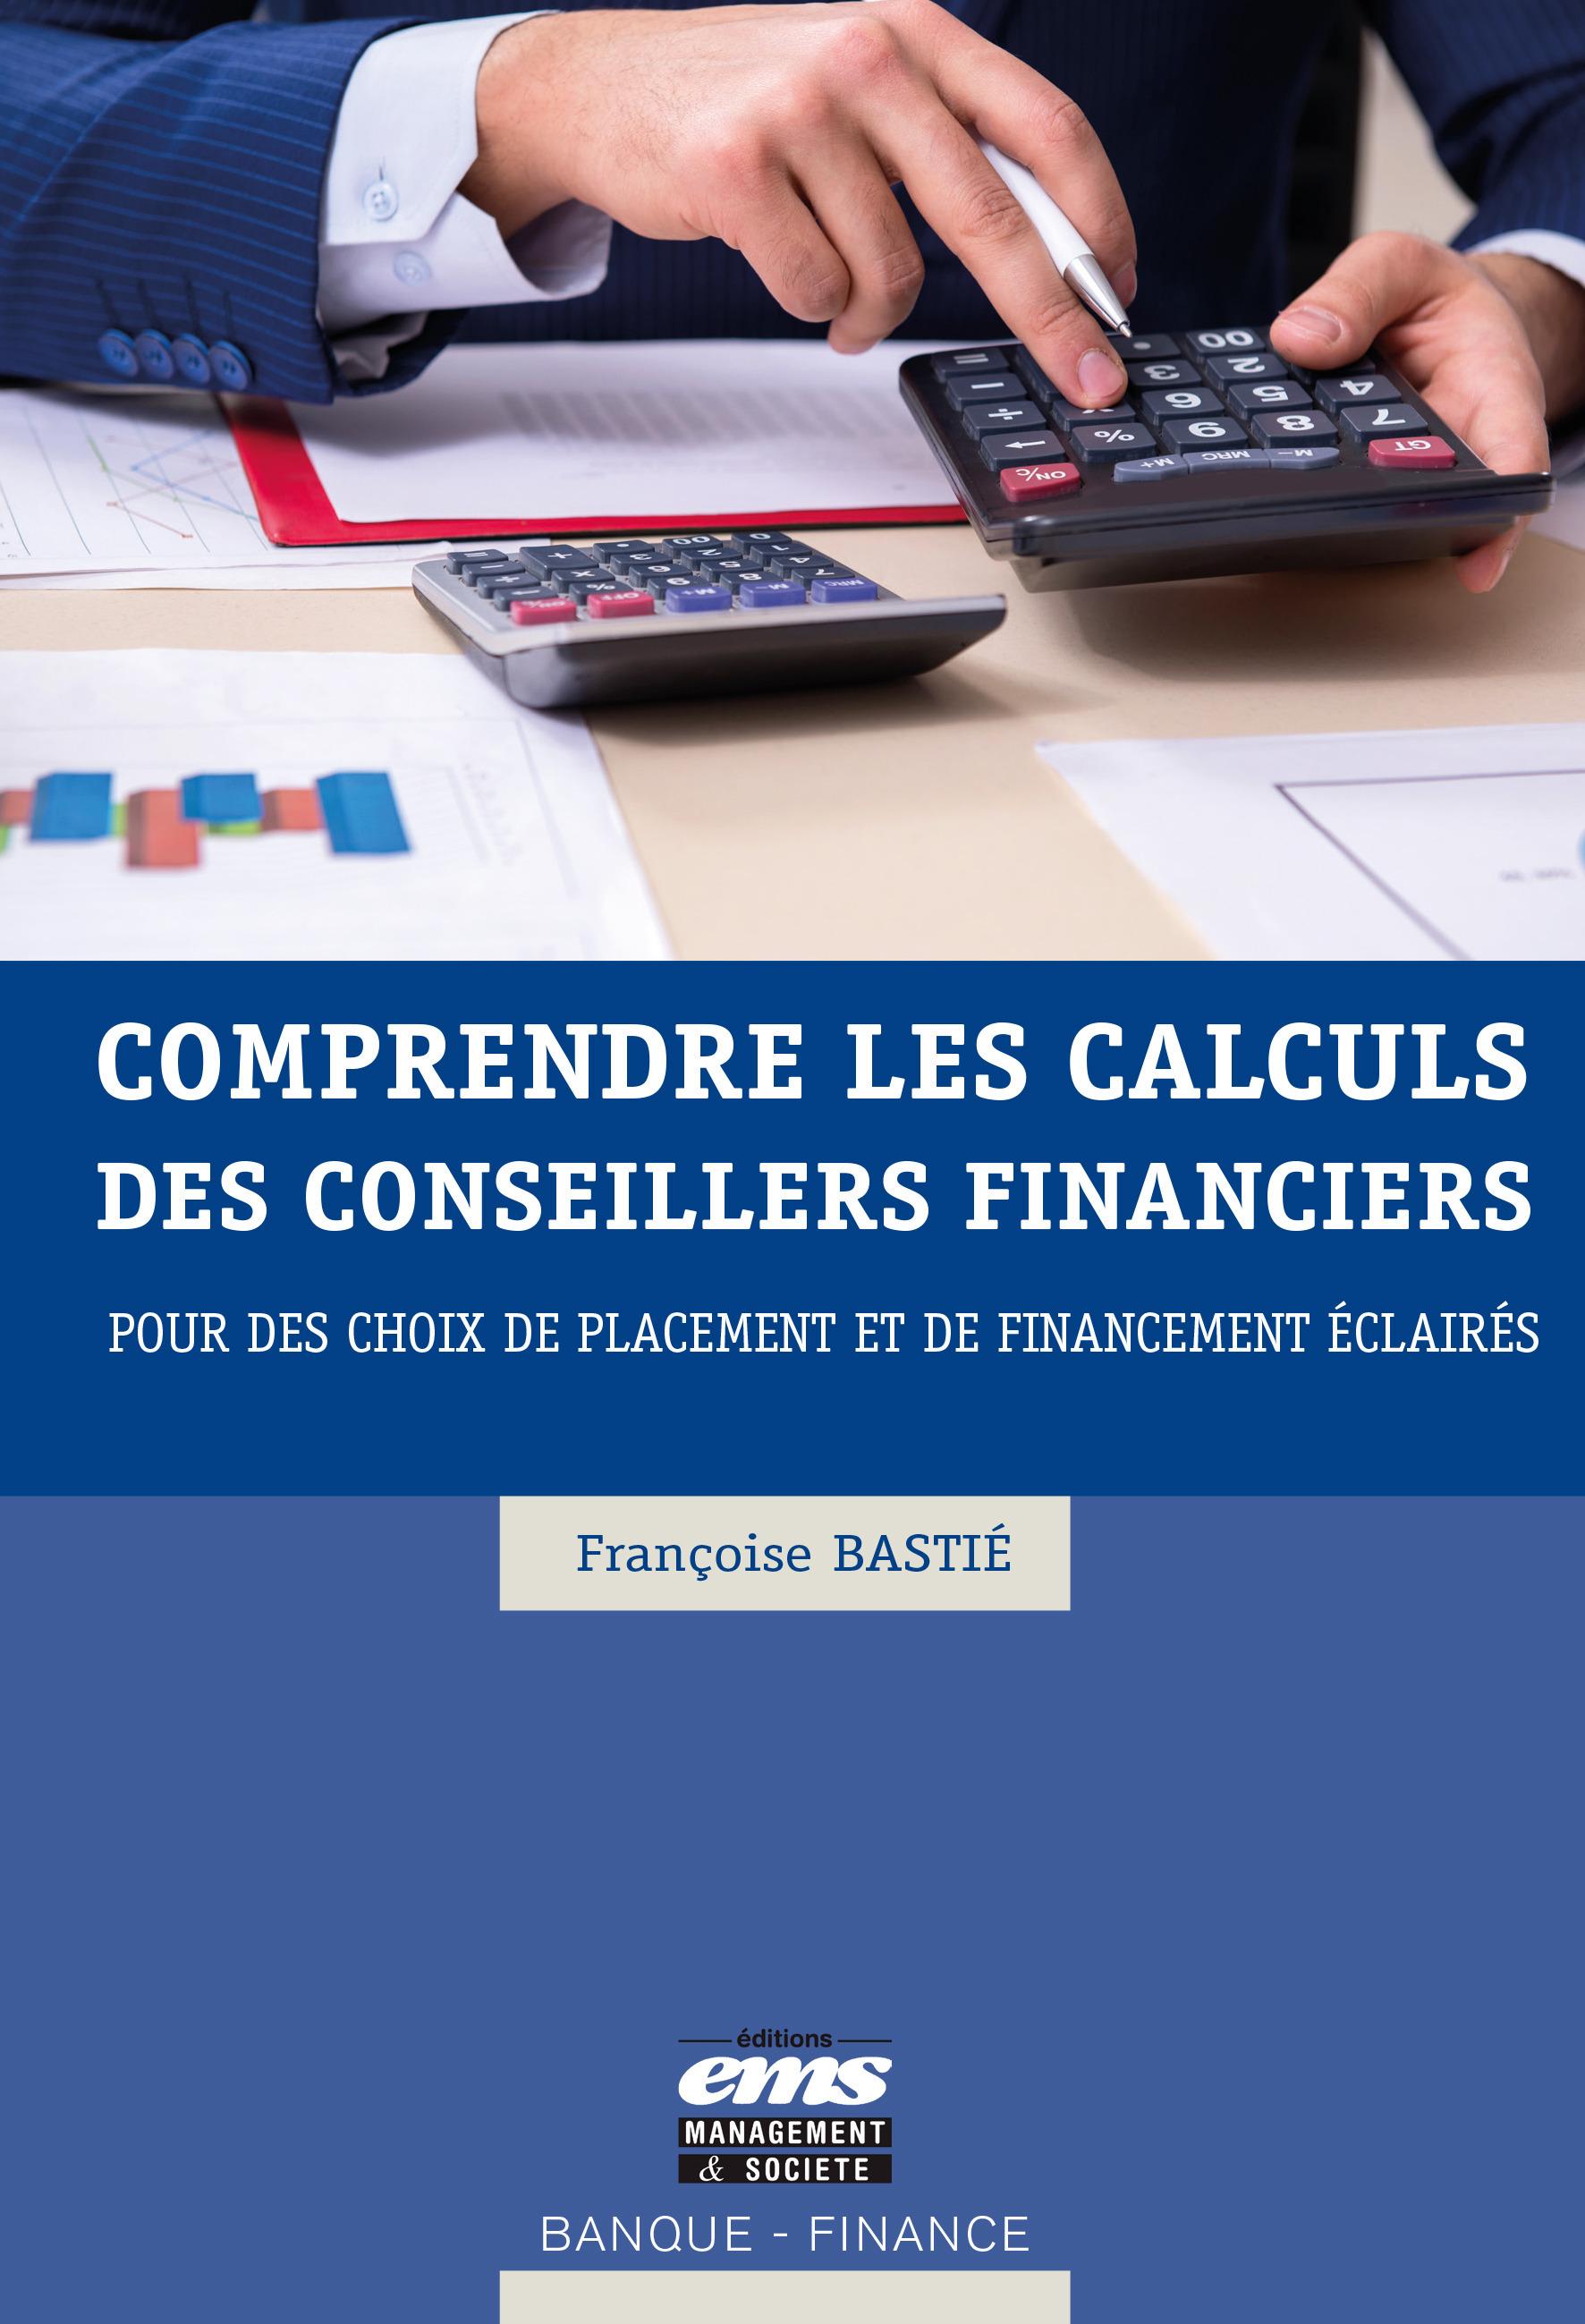 Comprendre les calculs des conseillers financiers